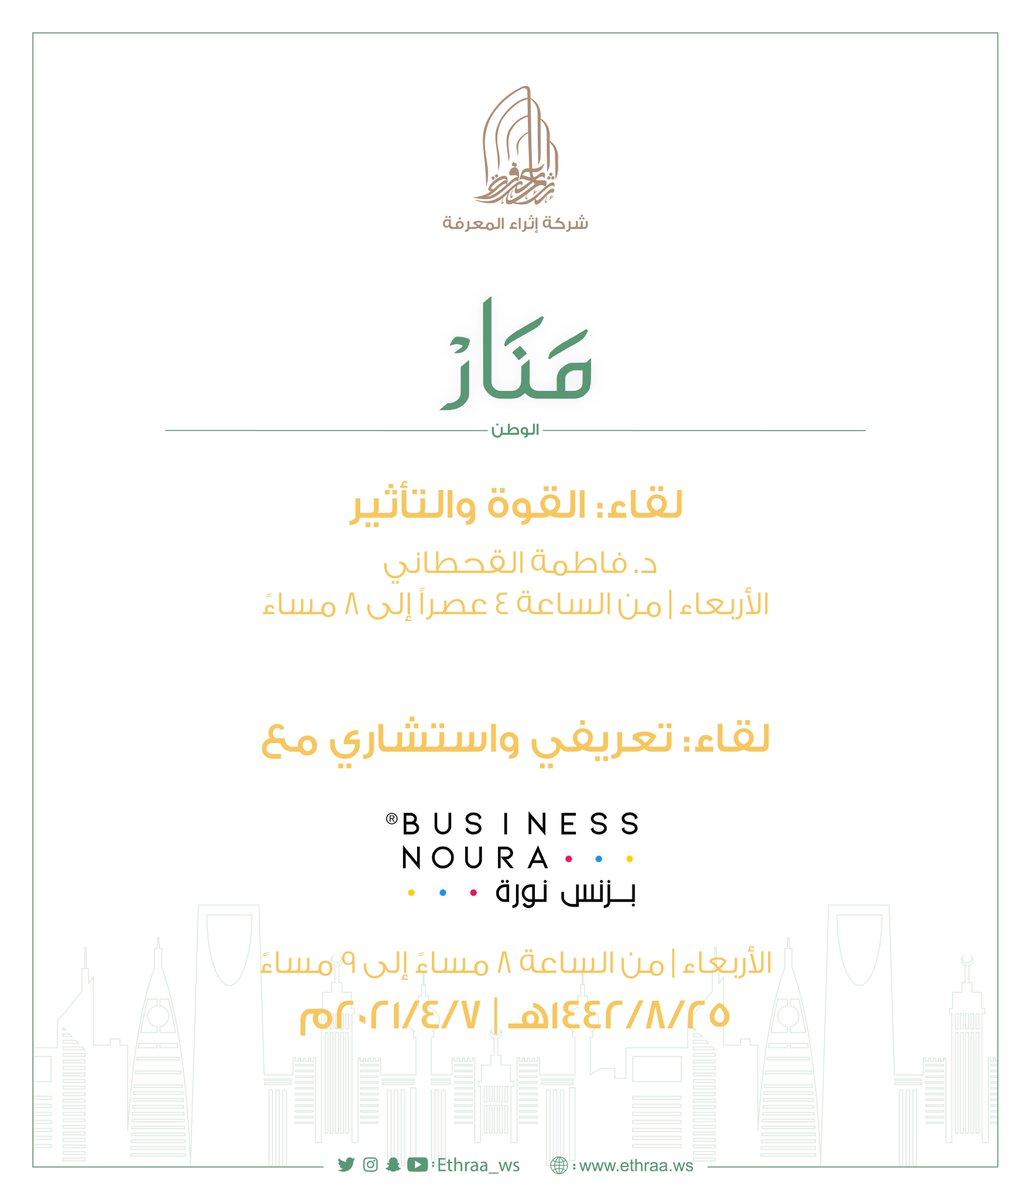 بزنس نورة التسعير Business Noura E08 Youtube 9